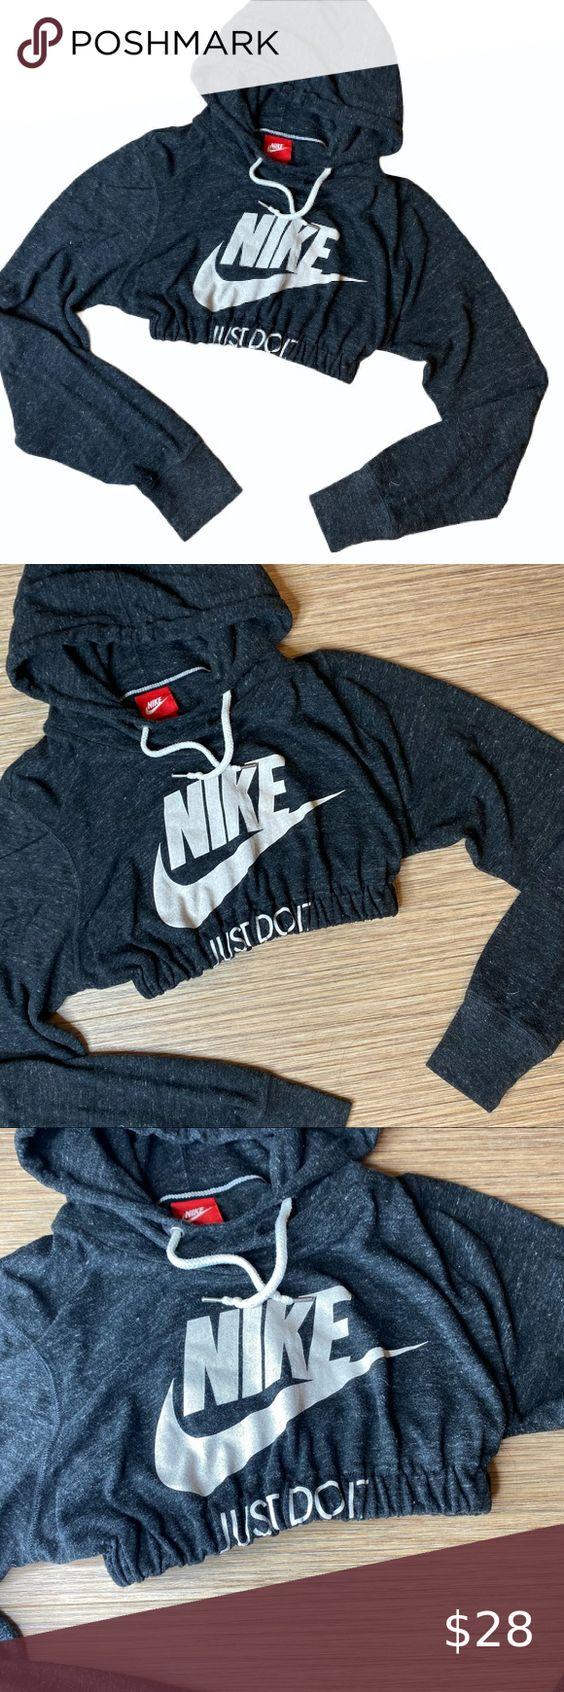 Nike Just Do It Reworked Cropped Hoodie Cropped Hoodie Hoodies Sweatshirts Hoodie [ 1692 x 564 Pixel ]